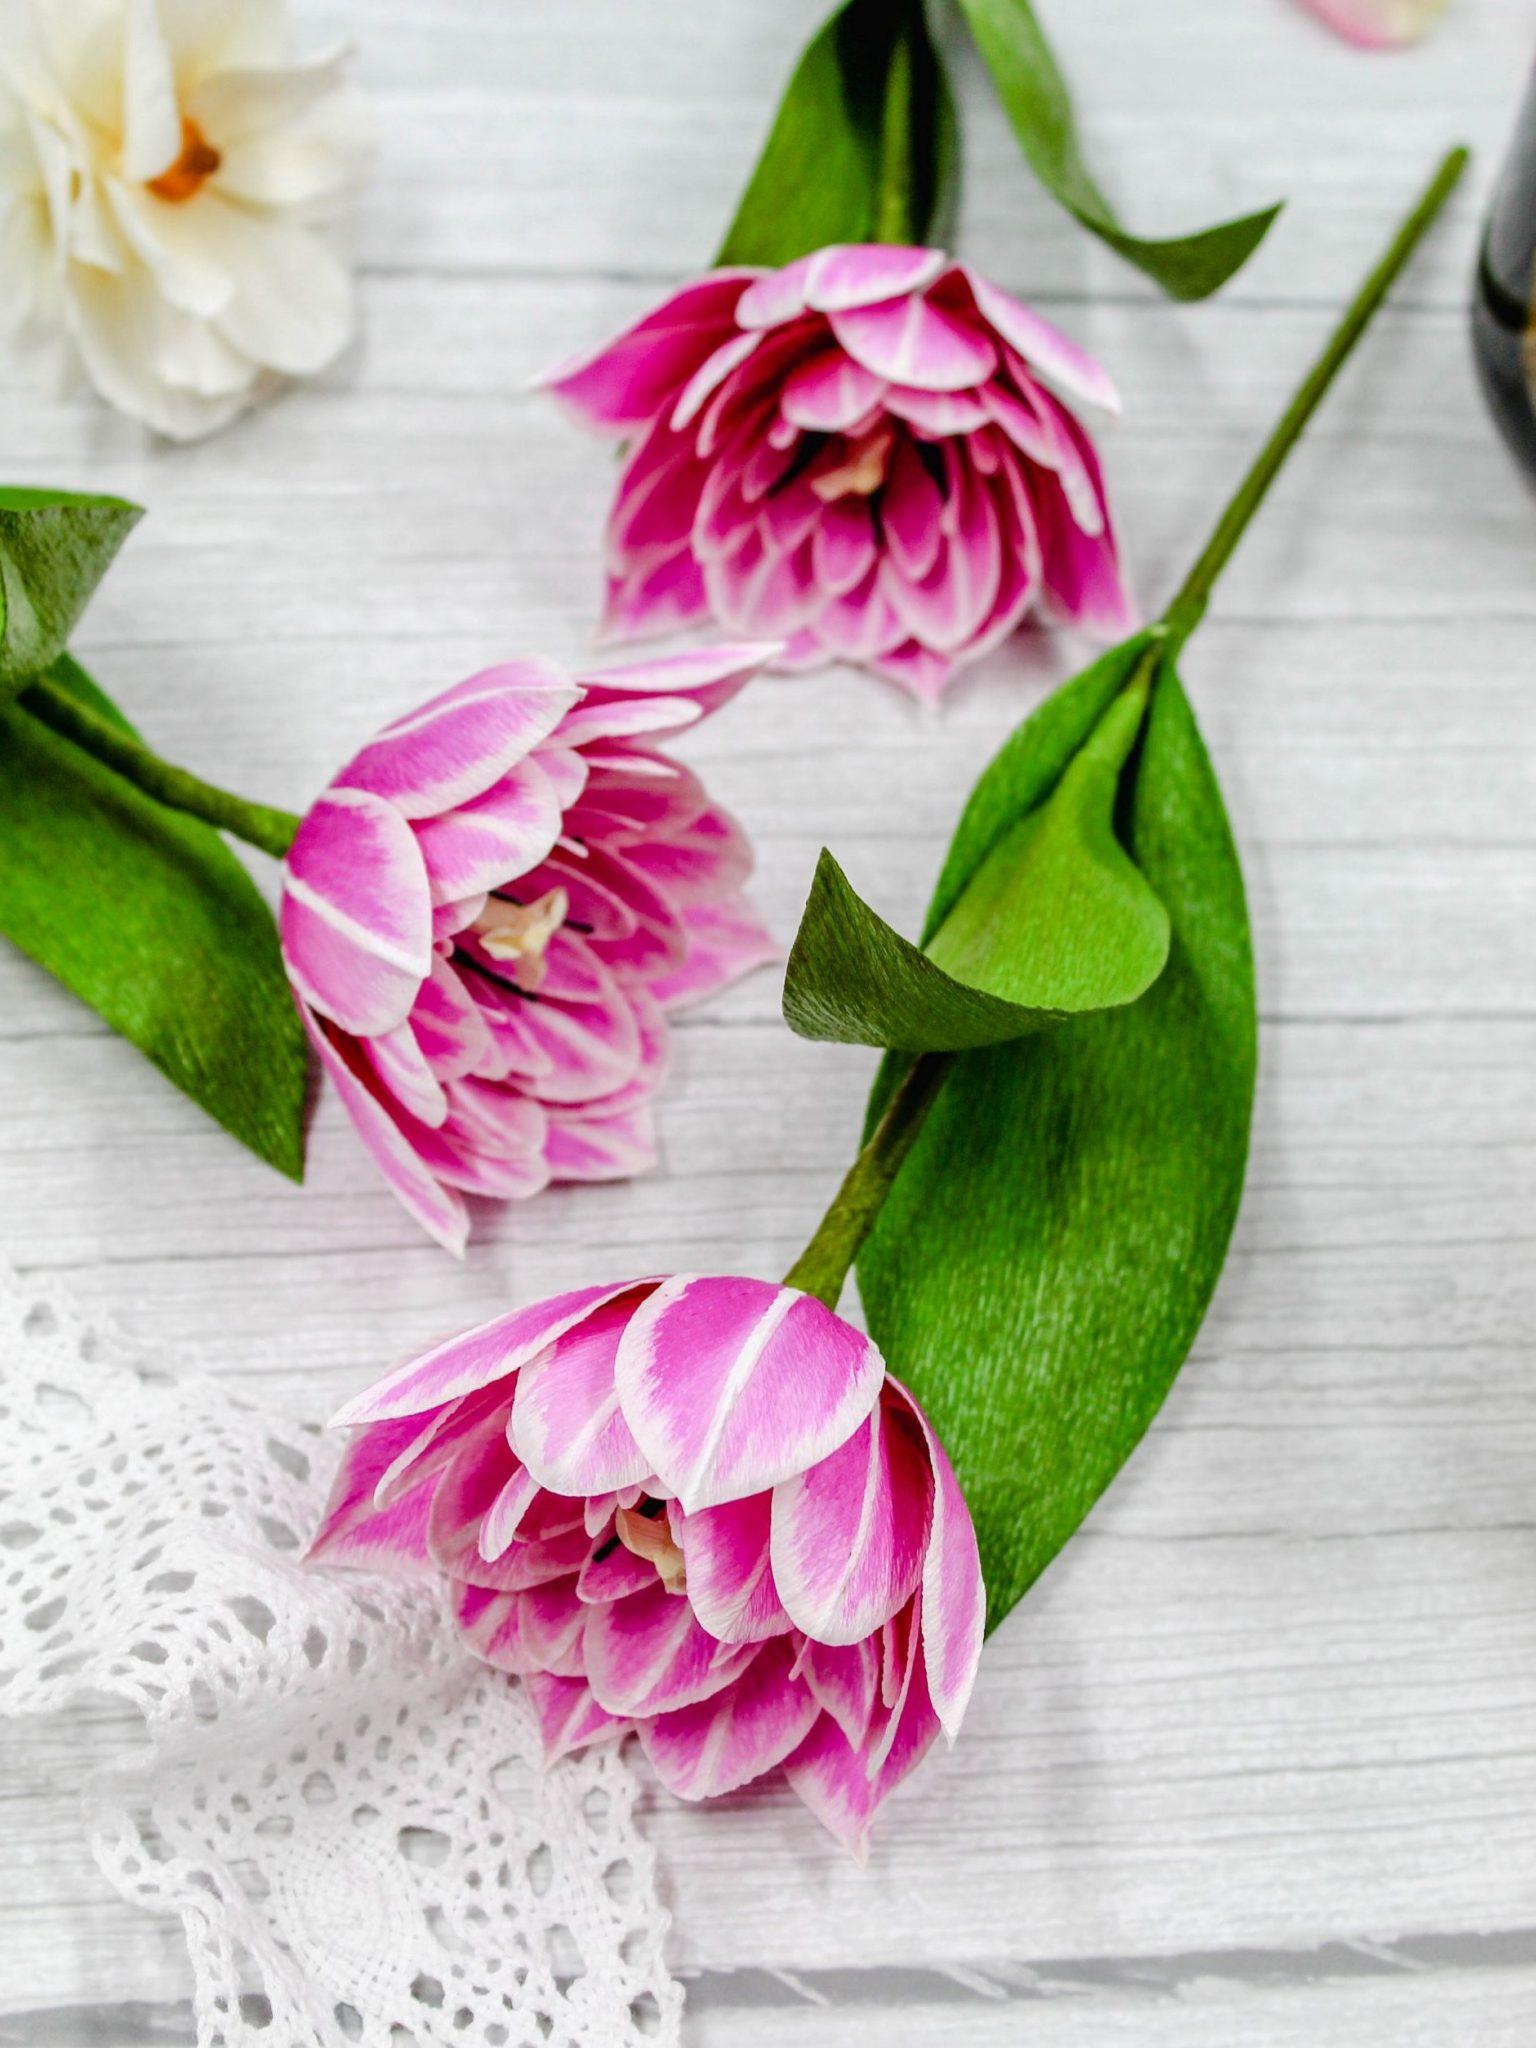 Flores de cerezo de papel crepé, flores para siempre, diseño floral en papel, diseño botánico en papel